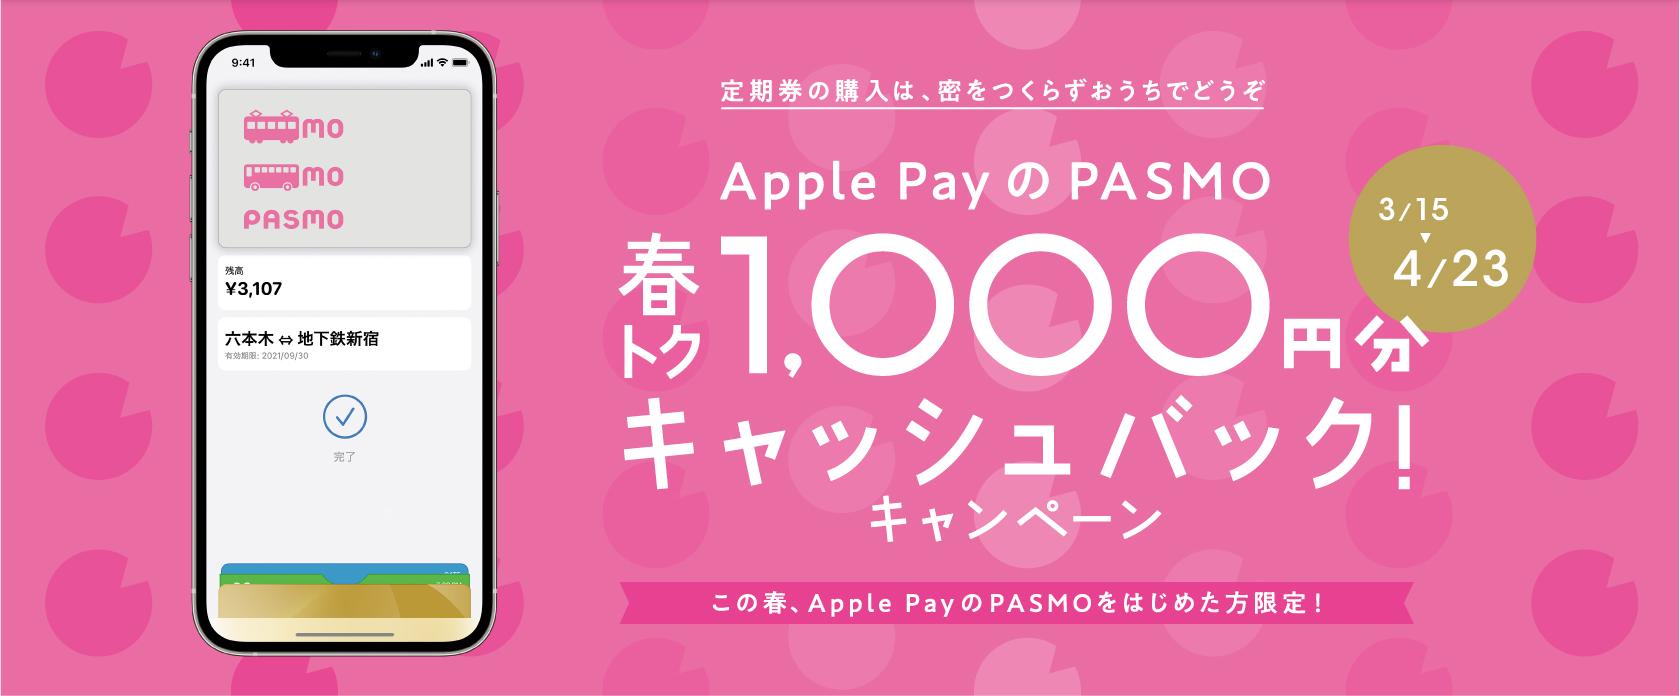 ApplePayでPASMOを初めて2000円以上使うと、1000円分キャッシュバック。紹介すると1人1000円、5人まで5000円バック。7/20~10/20。